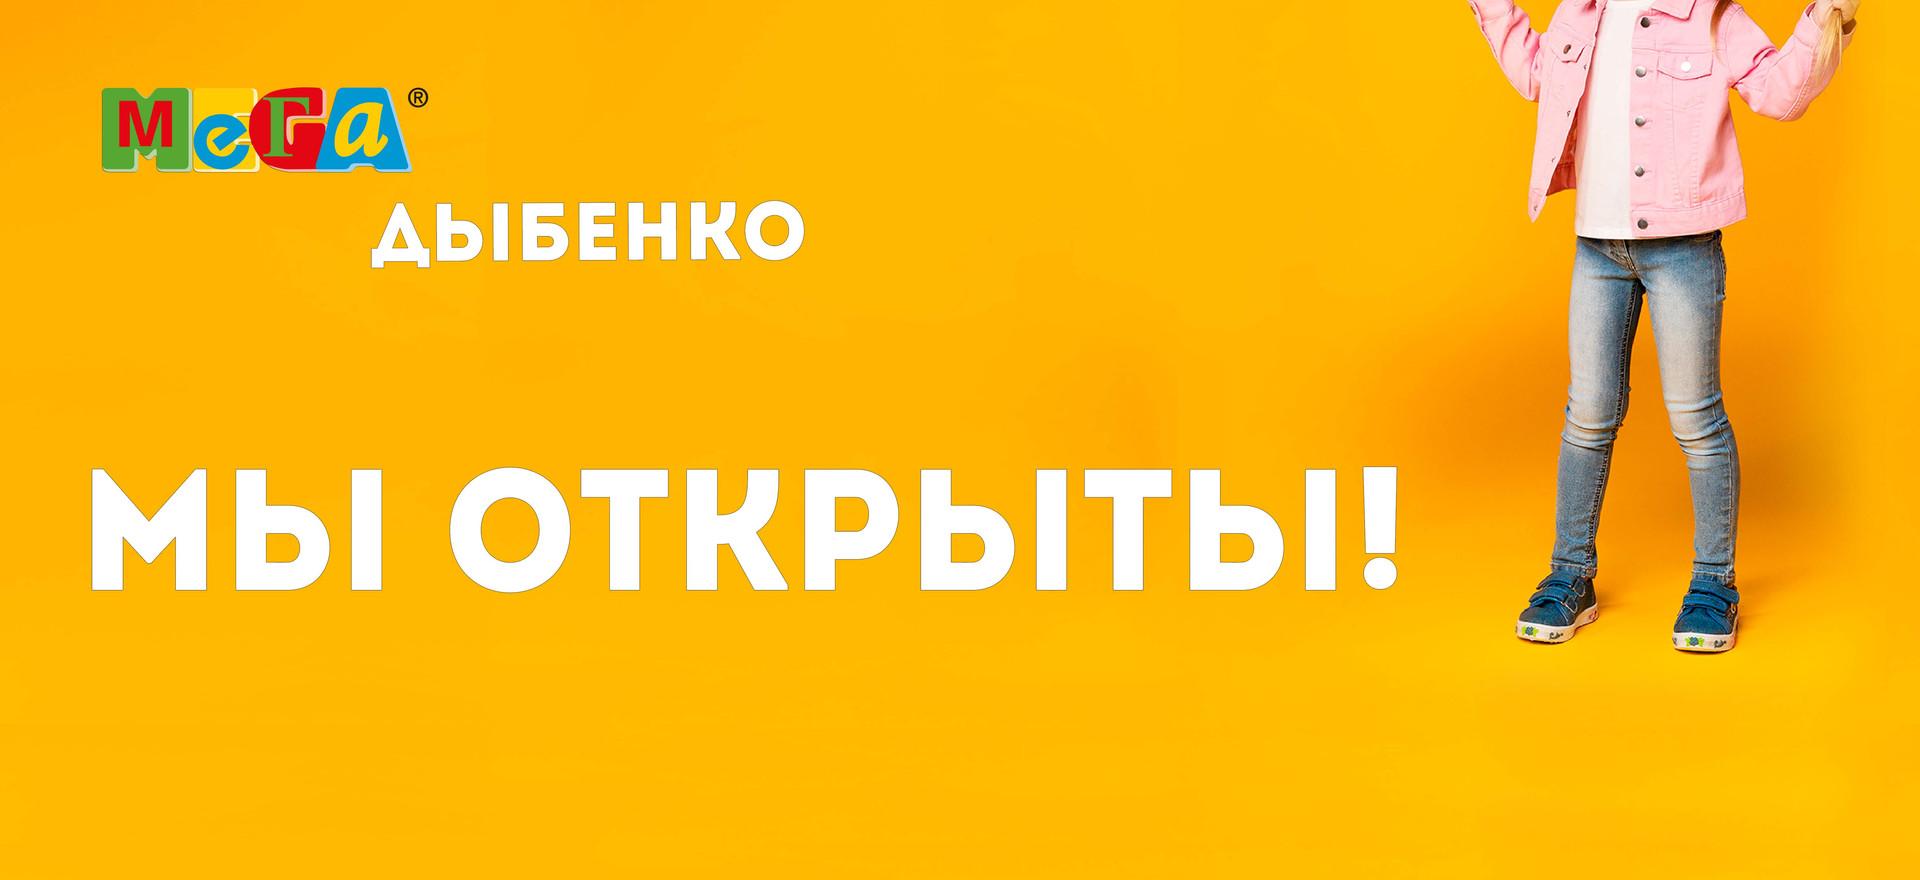 Котофей Мега открыт.jpg